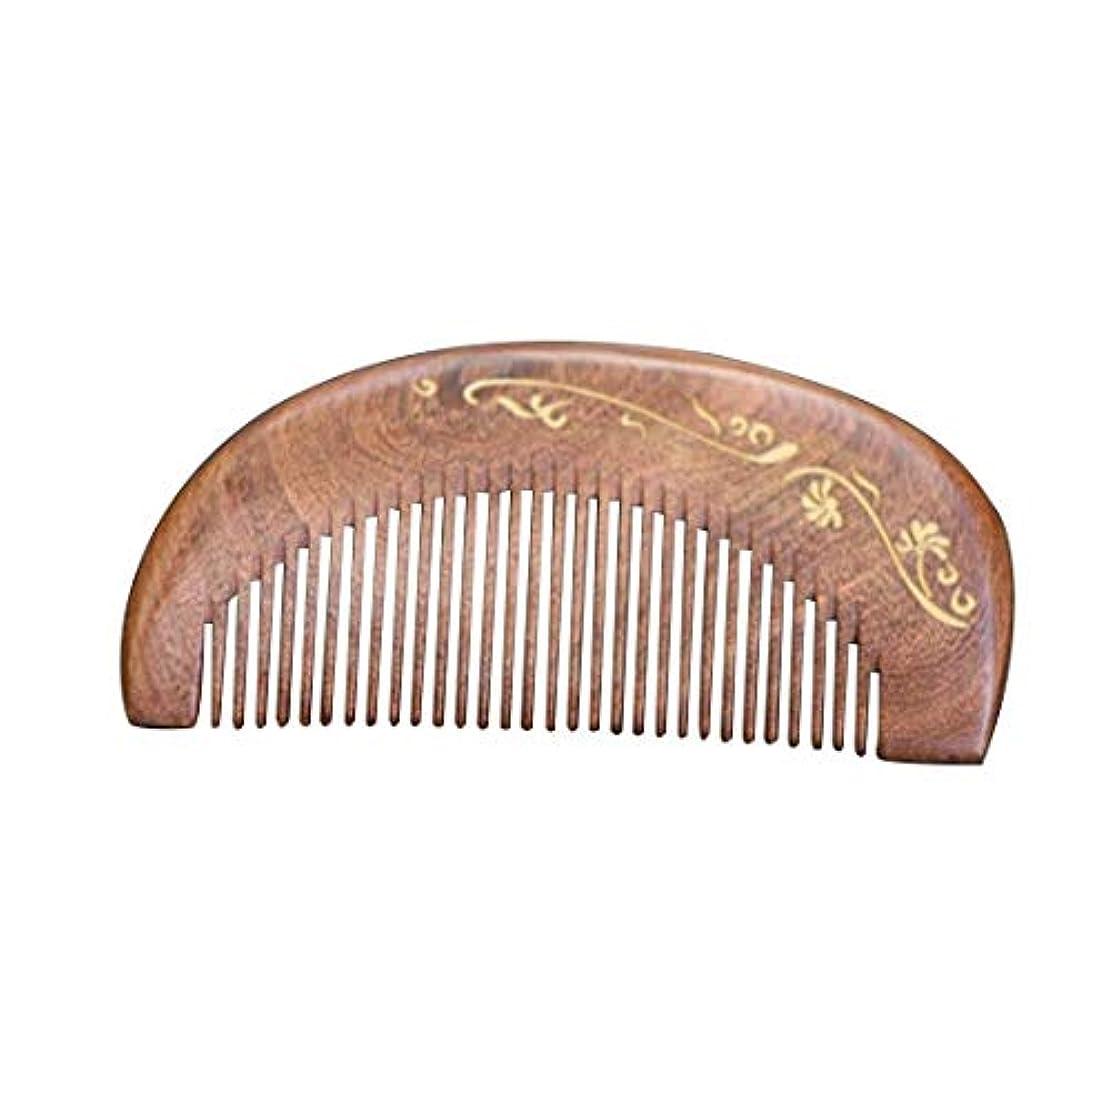 上昇オートマトンより多い白檀の毛の櫛 - 様々なスタイルはギフト用の箱と、頭髪のための密な歯の櫛の帯電防止ヘアブラシを握り ヘアケア (Design : A)